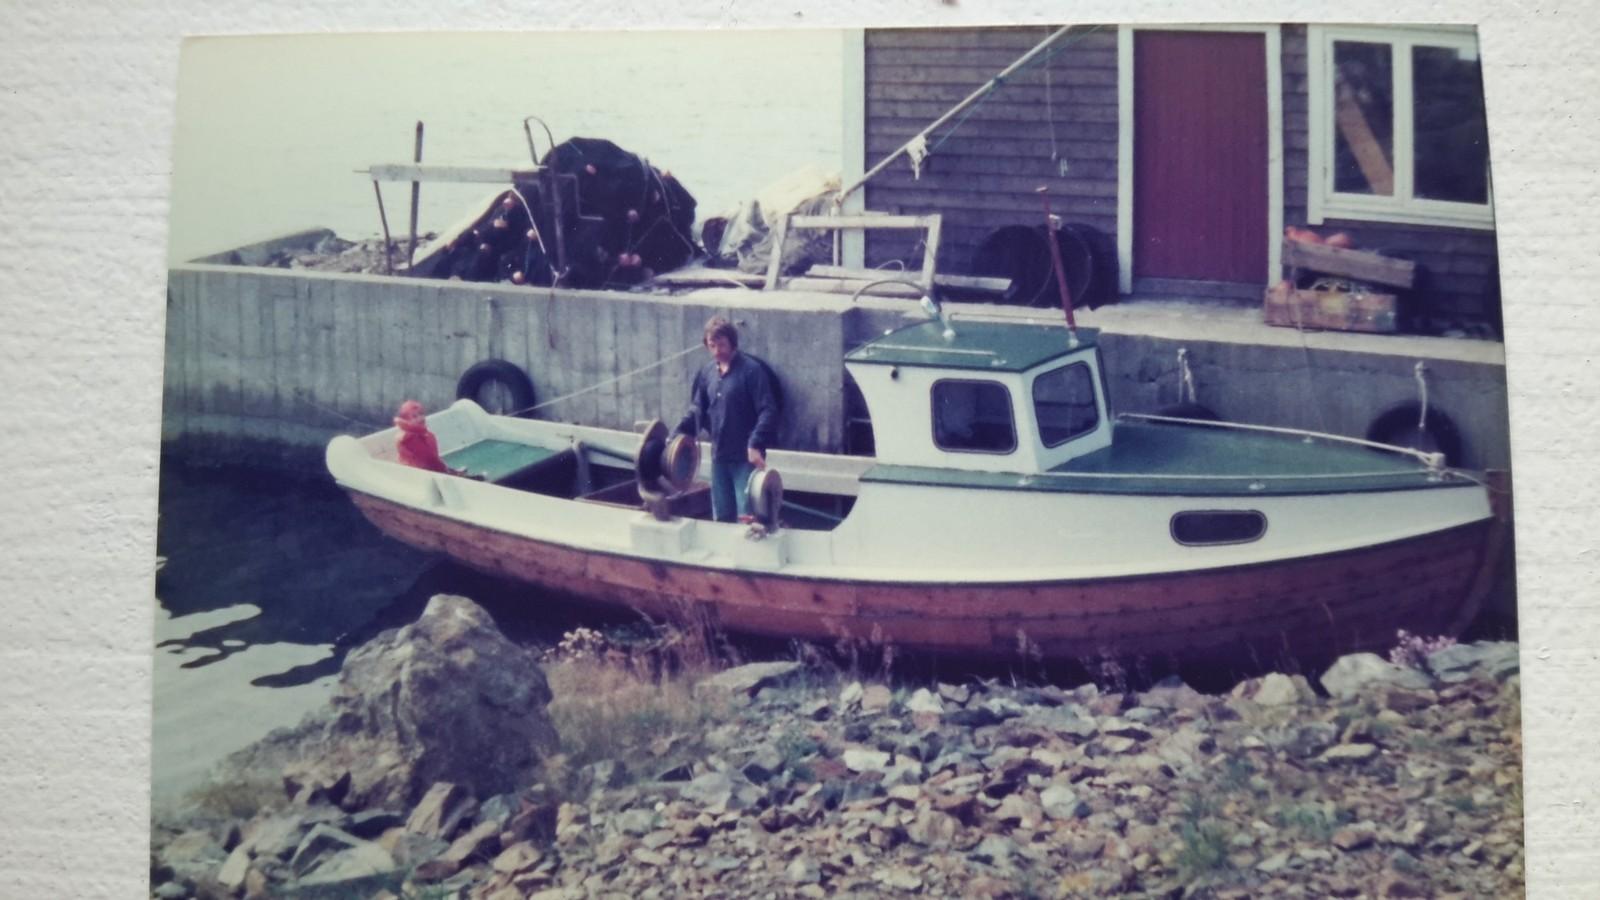 Torgeir i båten til bestefaren. Havet har bestandig vært viktig for førstekandidaten, og skulle han holdt på med noe annet enn politikk kunne han gjerne tenkt seg å være fisker.